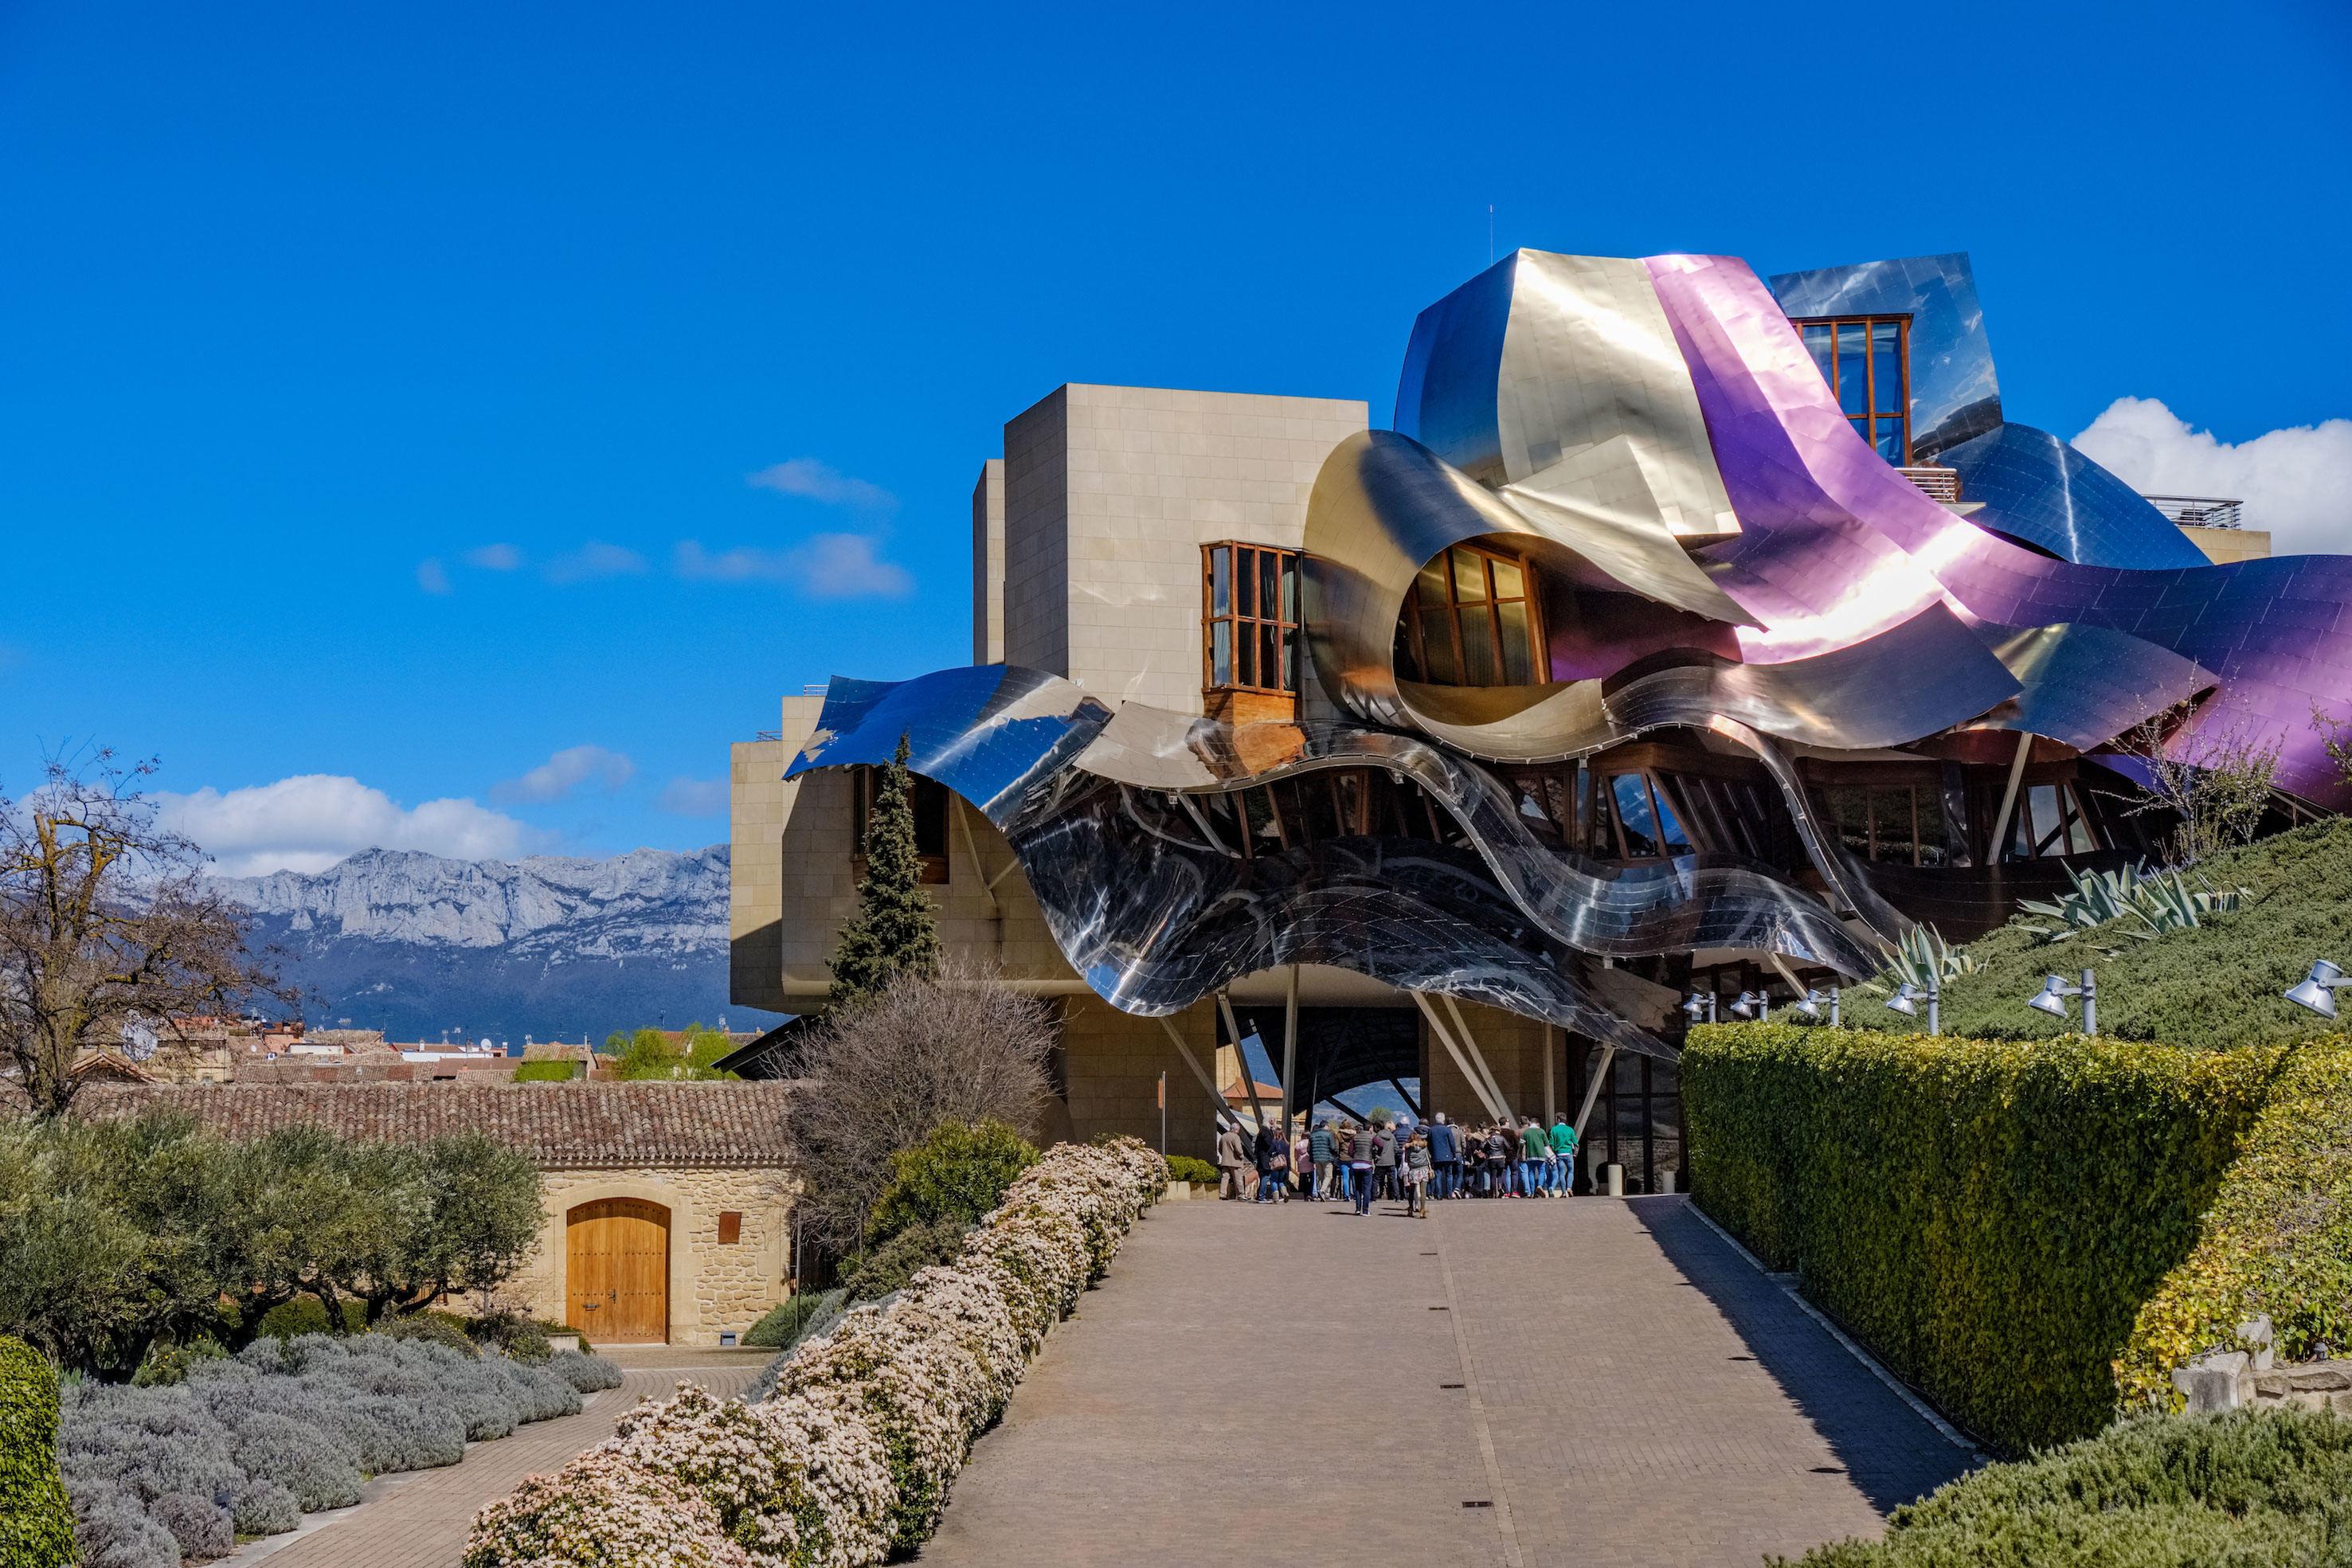 Marqués de Riscal Frank Gehry